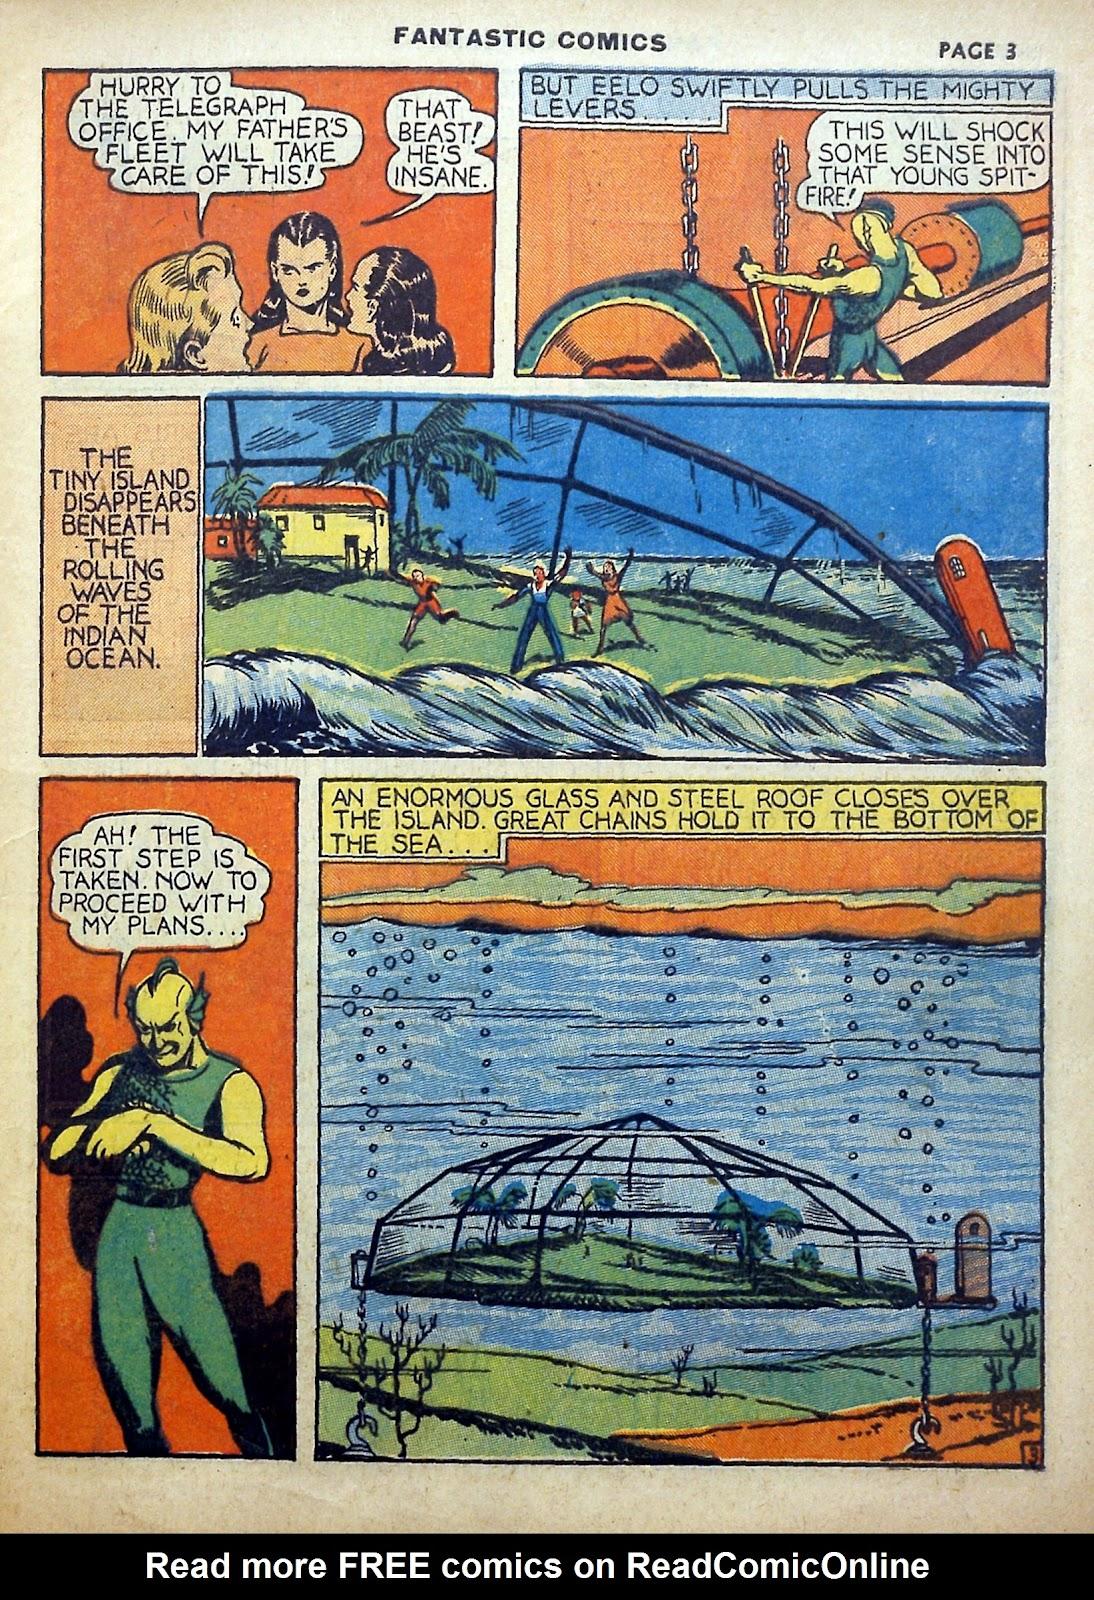 Read online Fantastic Comics comic -  Issue #5 - 4